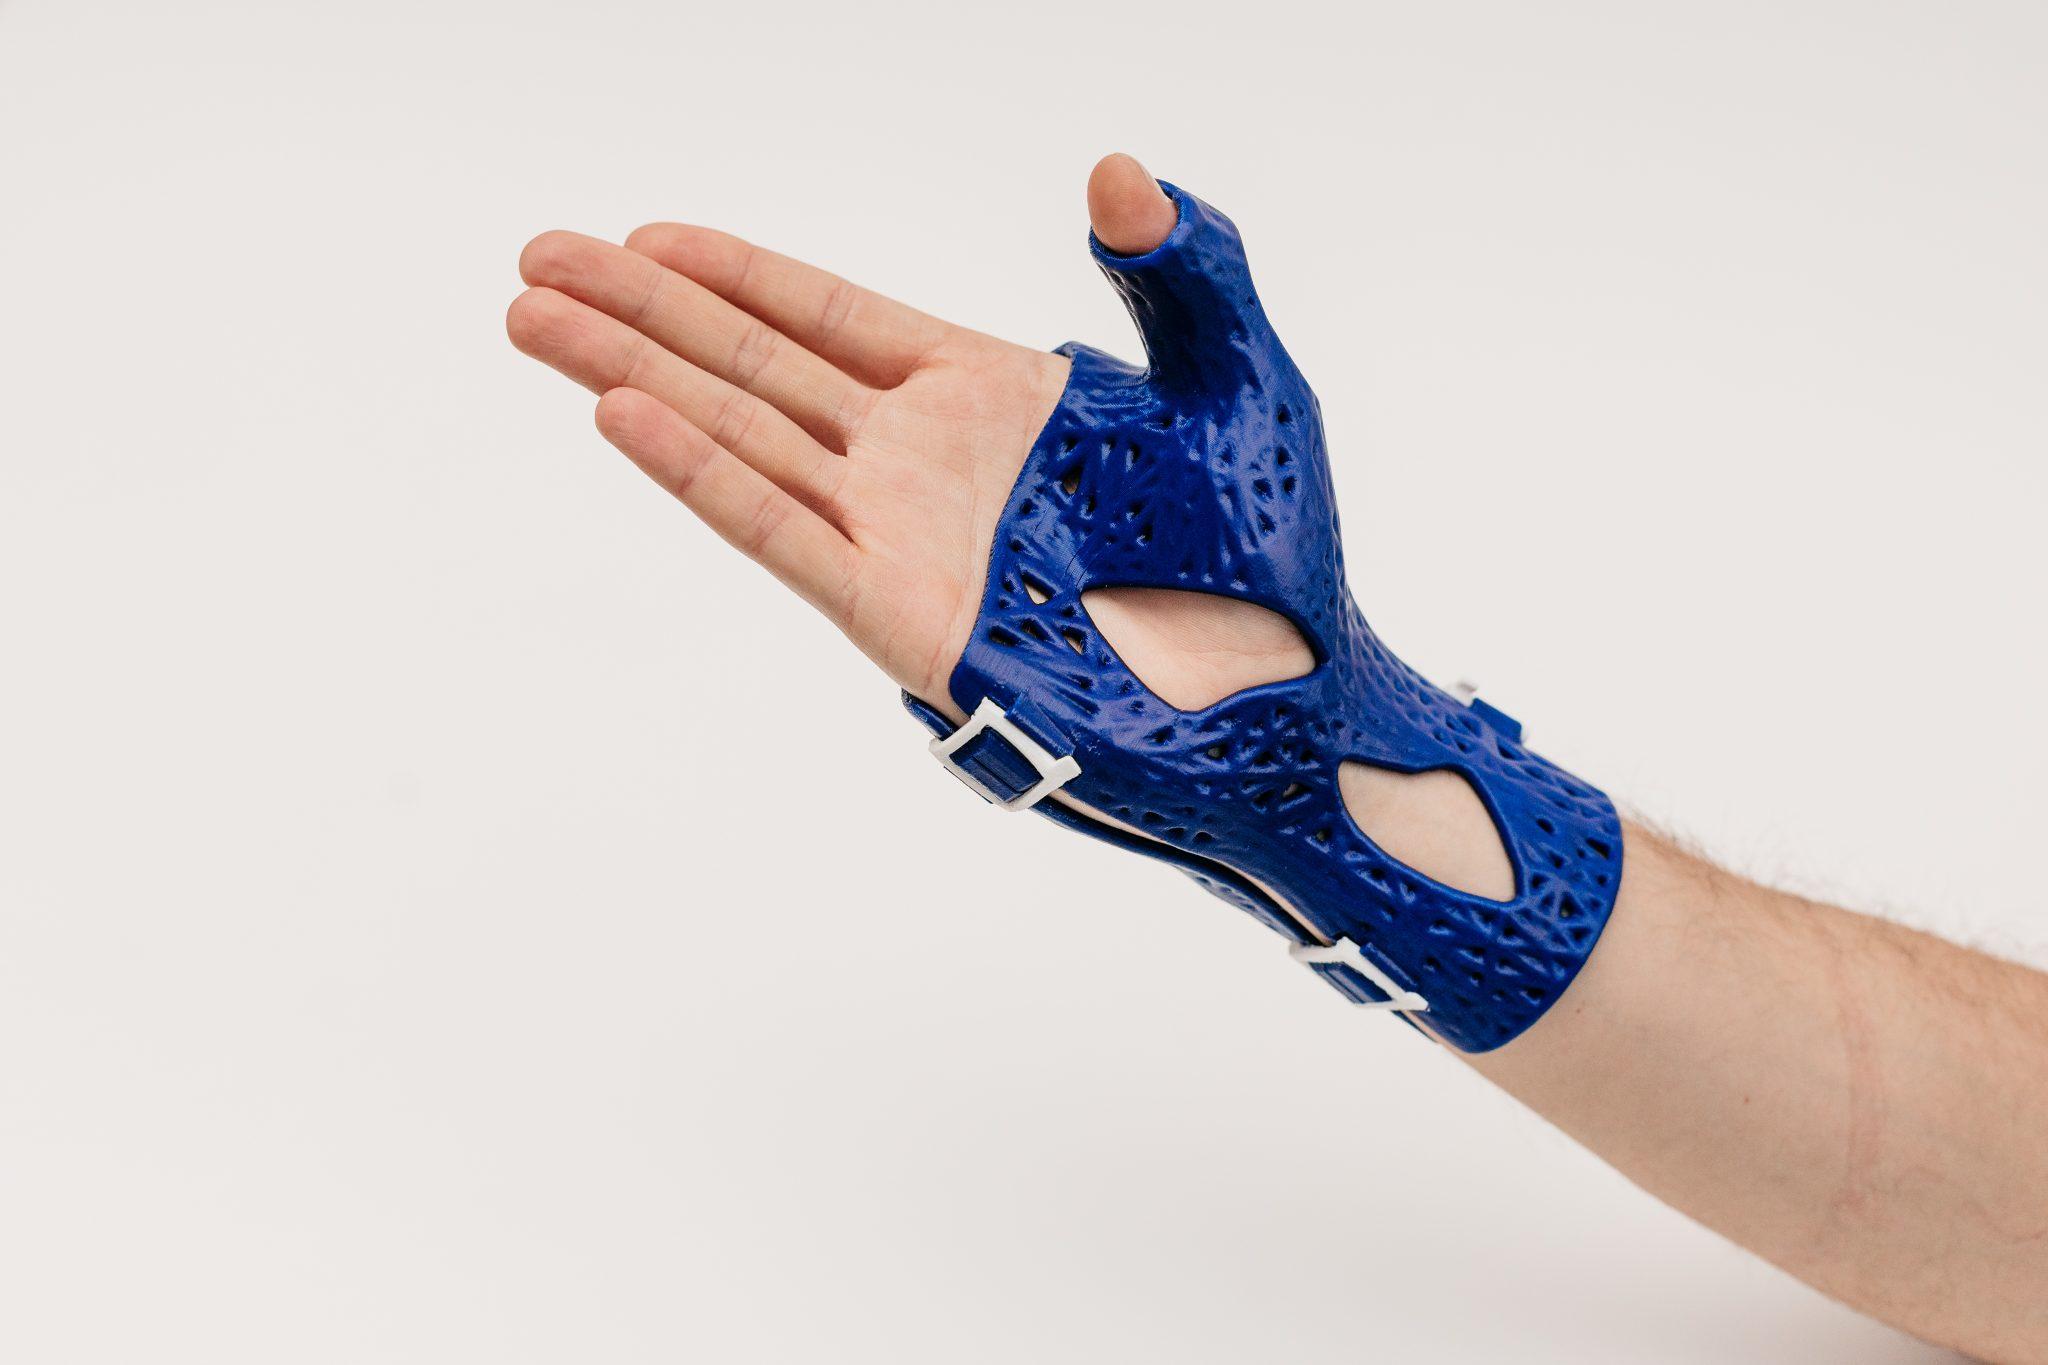 A CastPrint wrist brace.